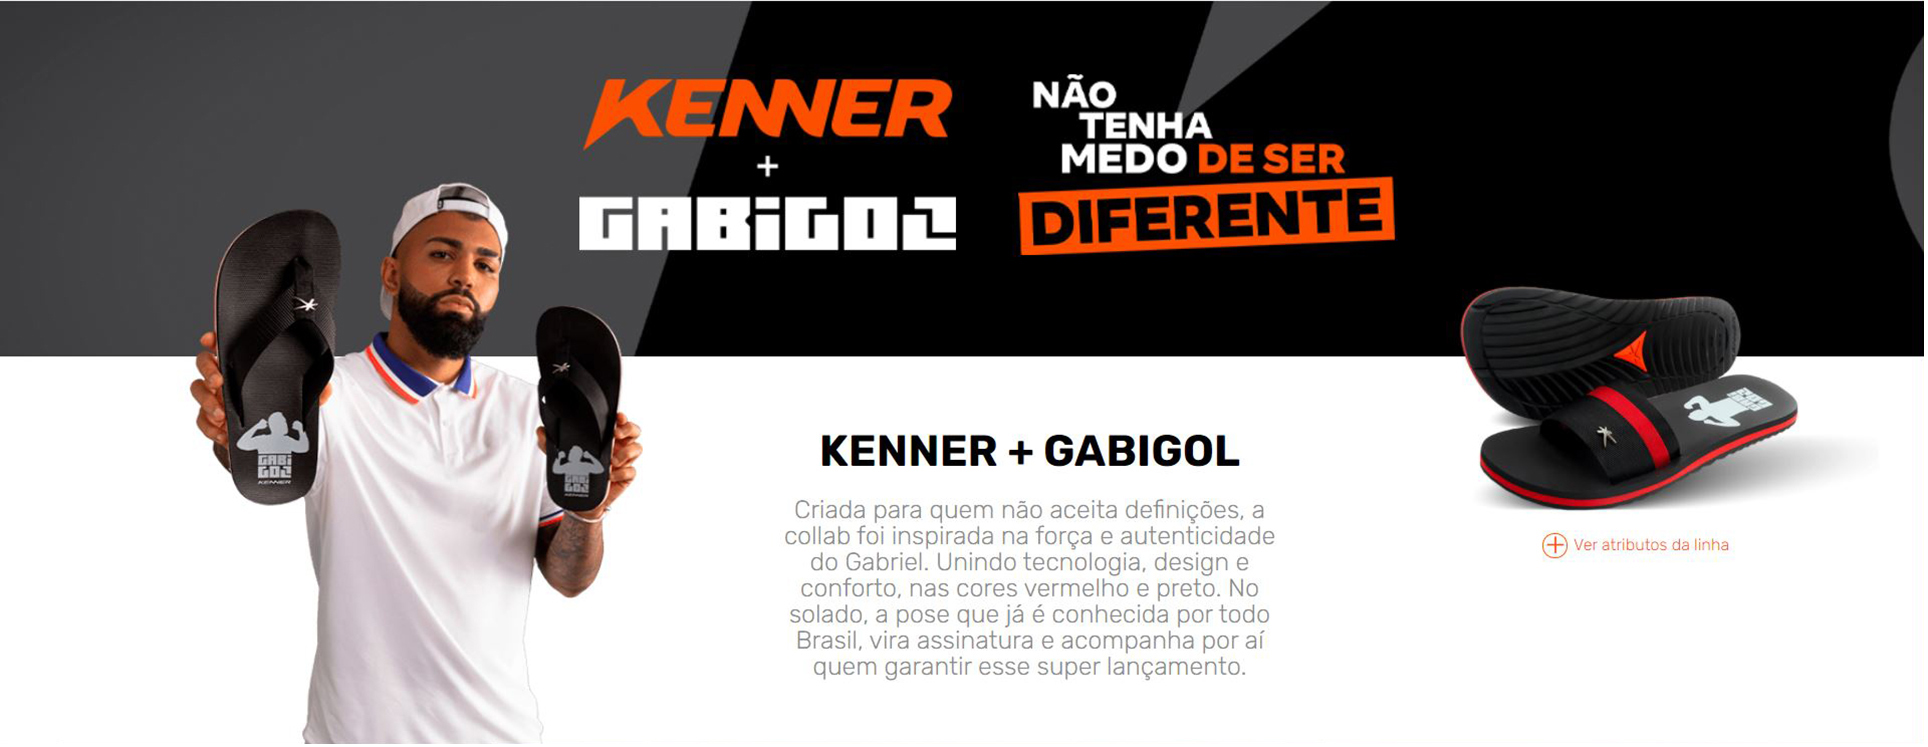 Sandália Kenner Gabigol